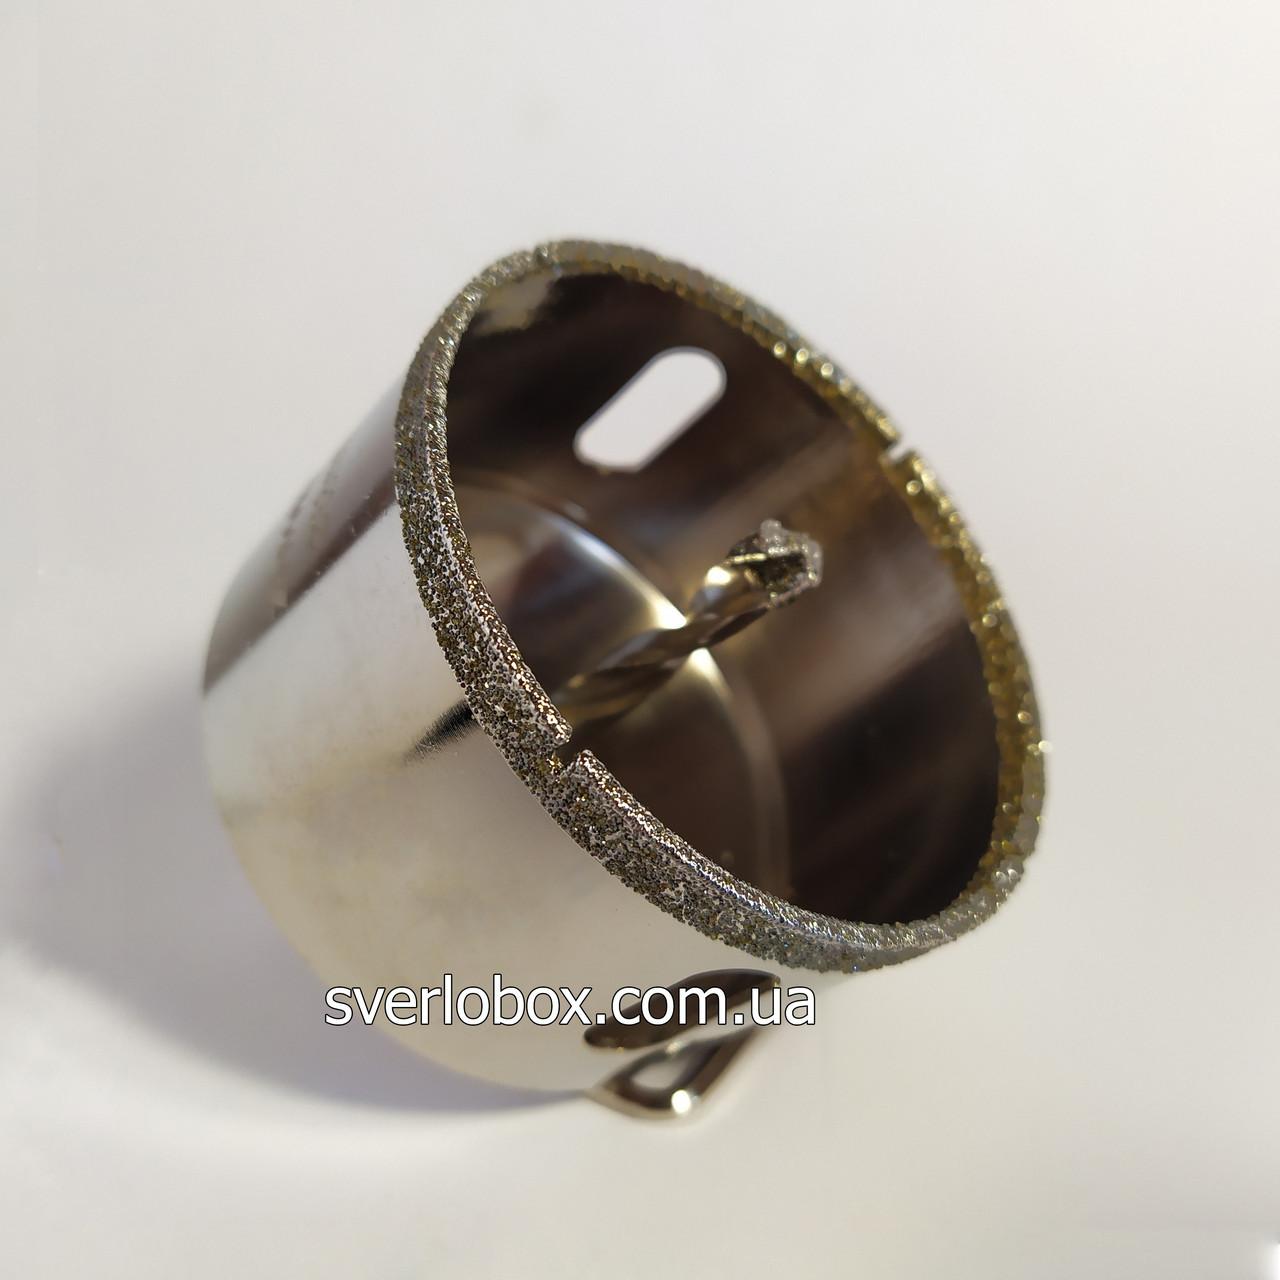 Коронка алмазная 20 мм по керамограниту с направляющим сверлом